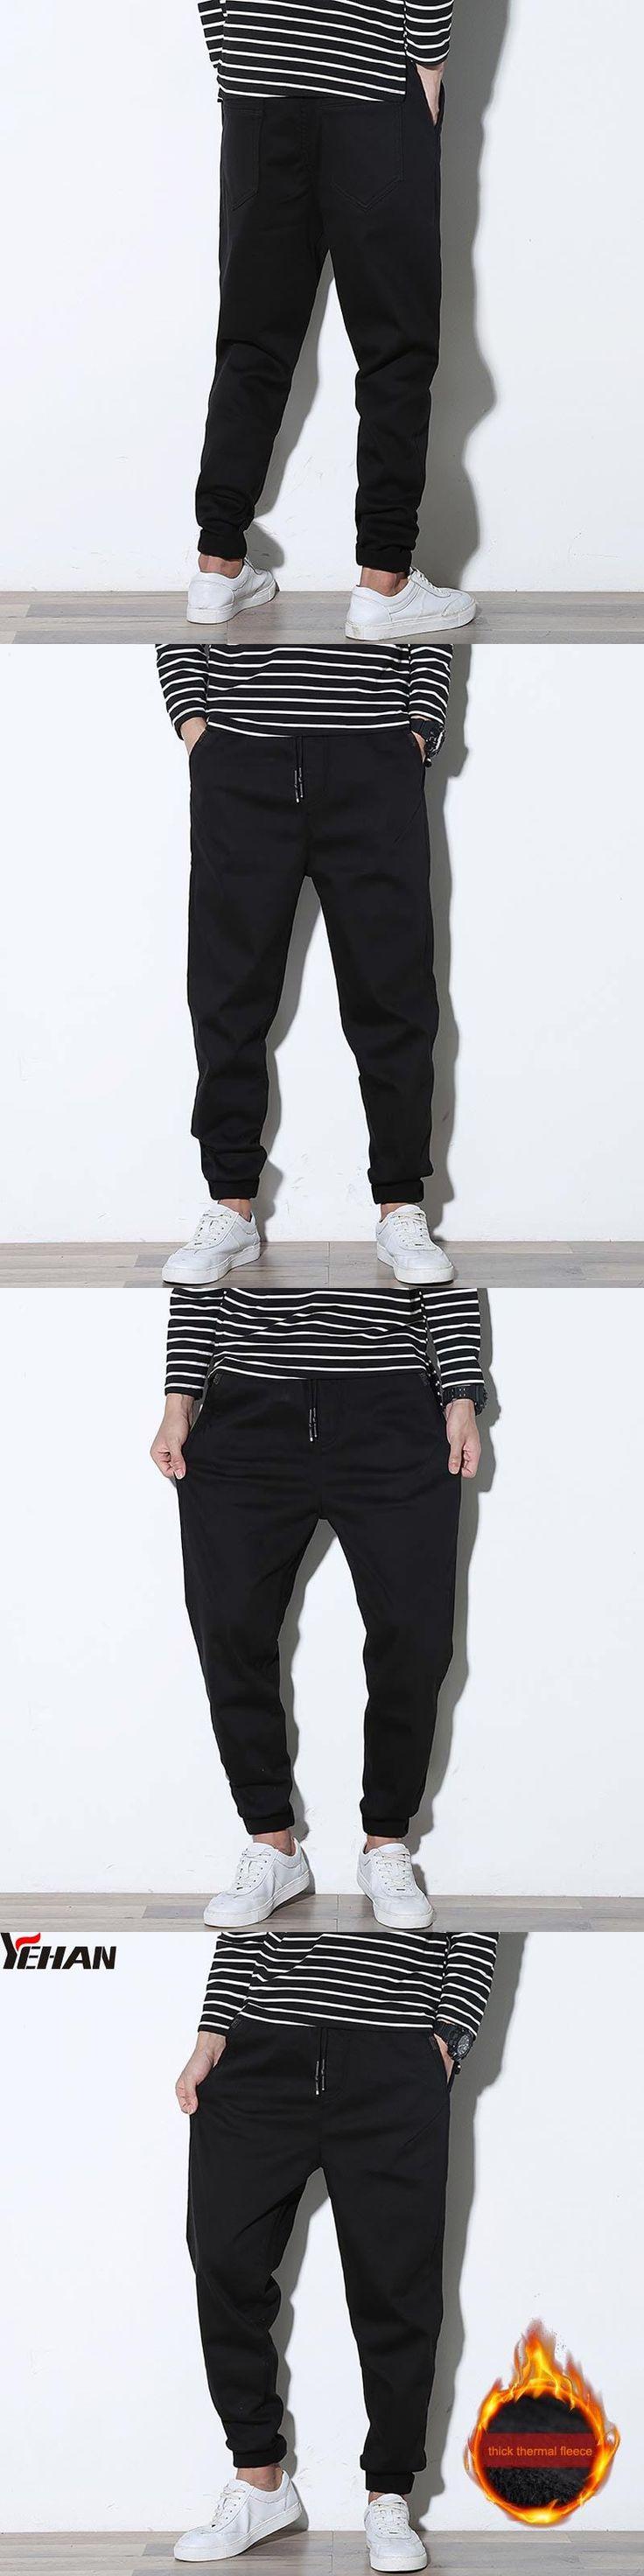 Casual Plus Size Black Cargo Harem Pants For Men Cotton Loose Pants Buttons Hip Hop Trousers Pantalon Homme with fleece